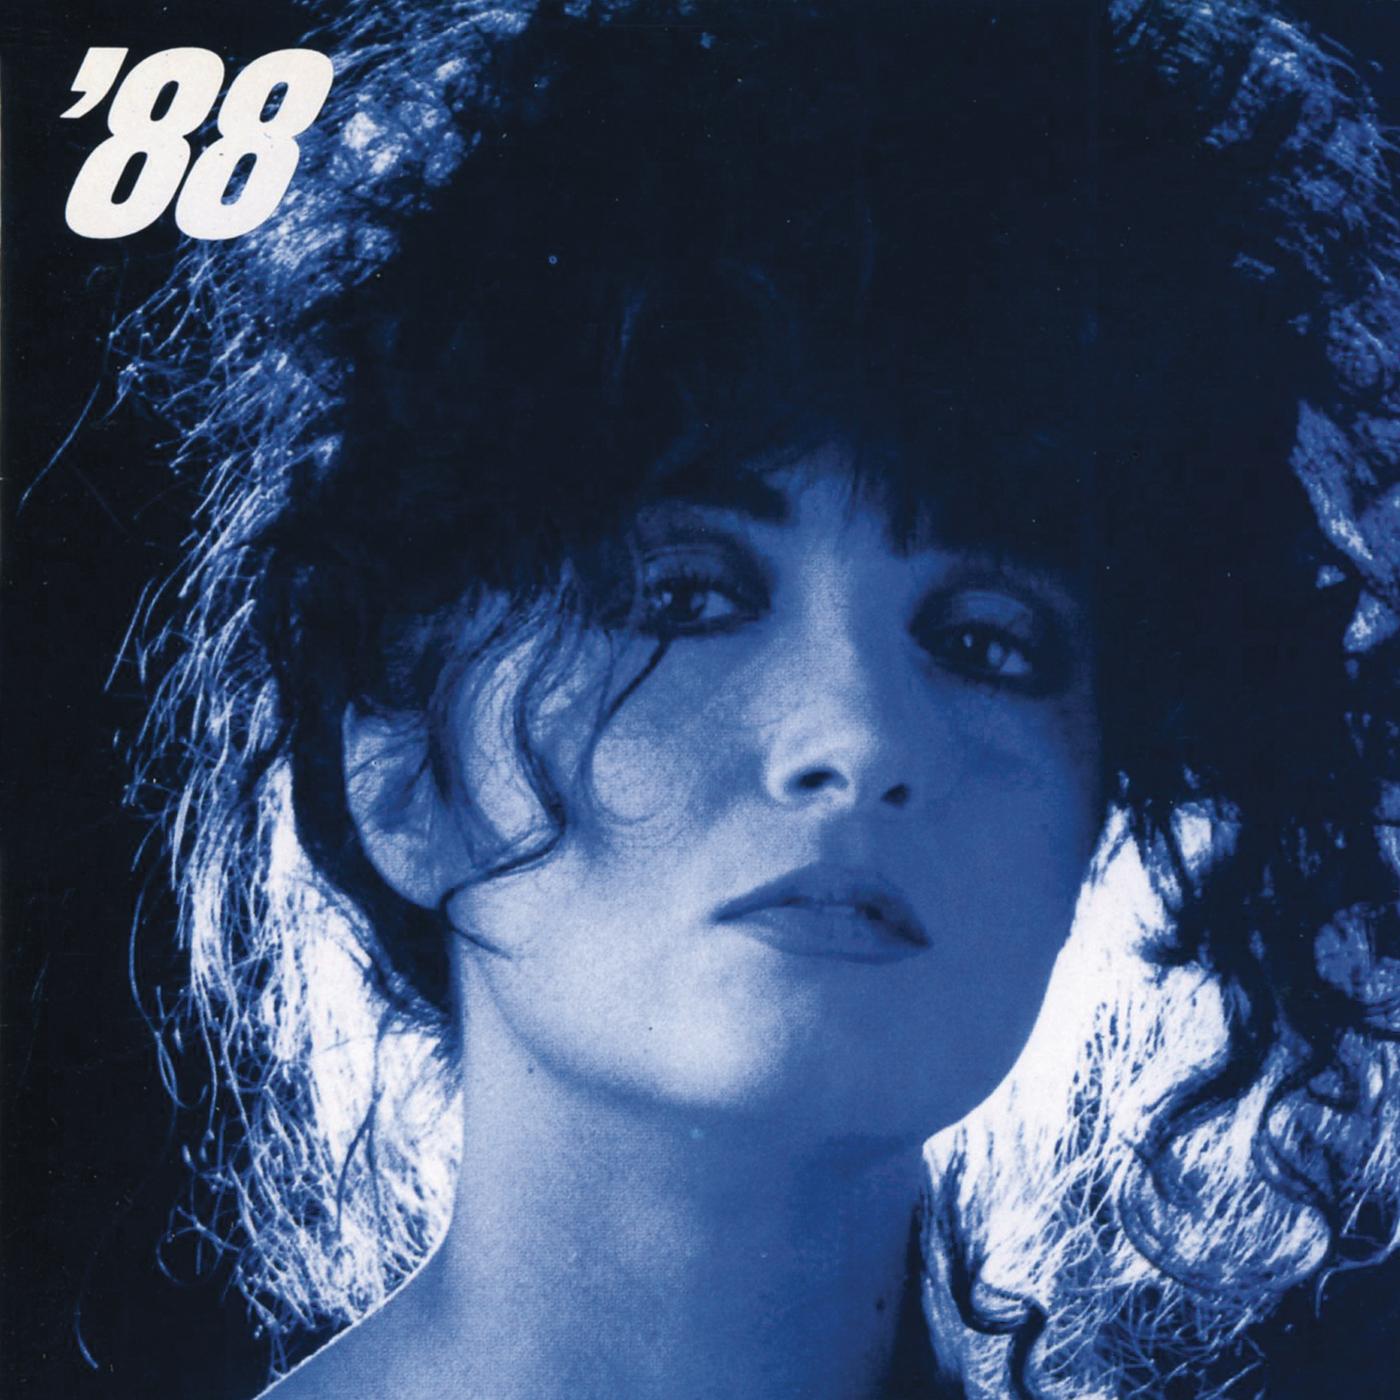 '88 - Marcella Bella